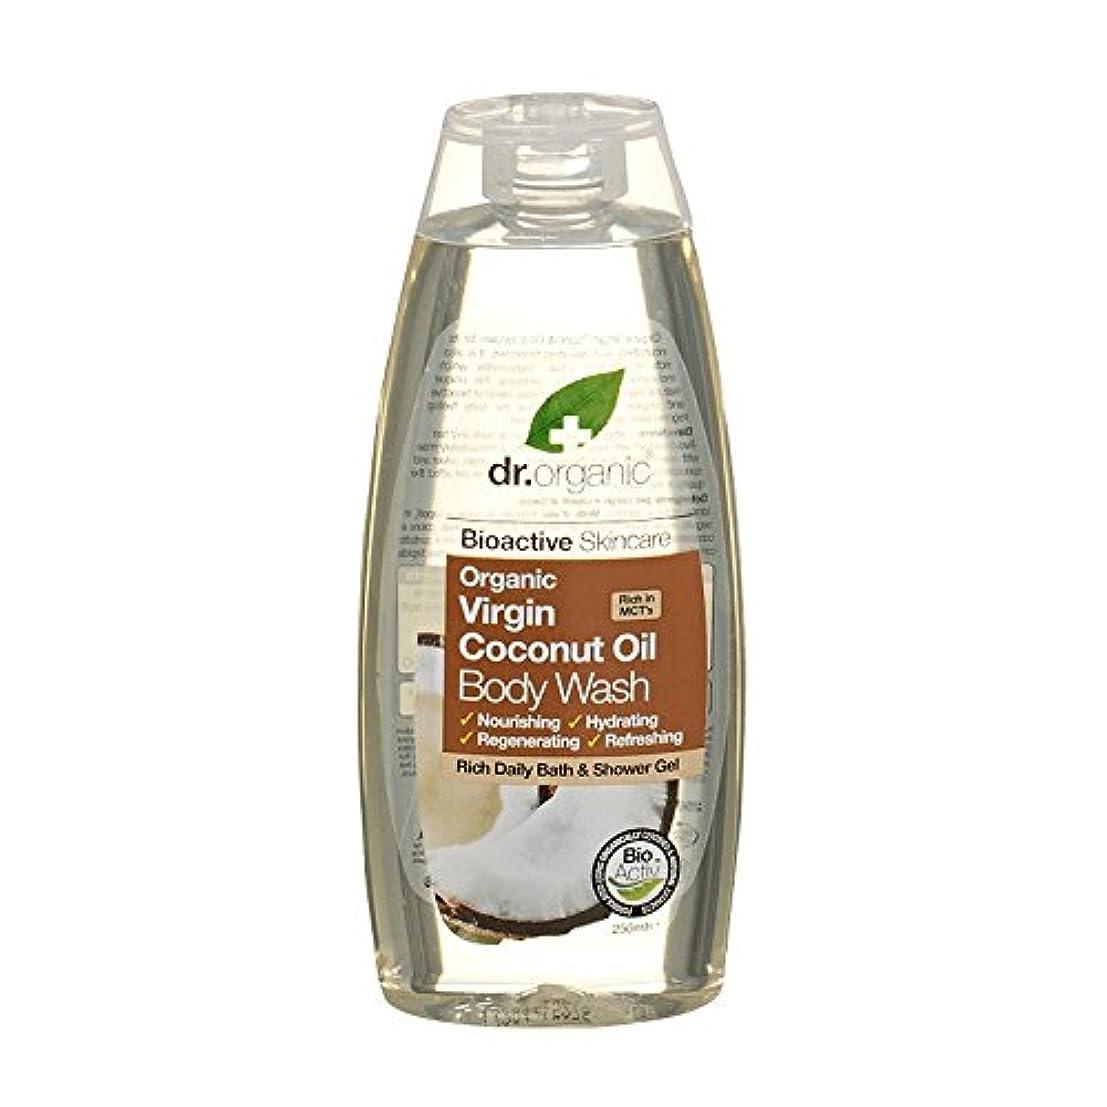 歯肺炎不適当Dr Organic Organic Virgin Coconut Oil Body Wash (Pack of 6) - Dr有機有機バージンココナッツオイルボディウォッシュ (x6) [並行輸入品]